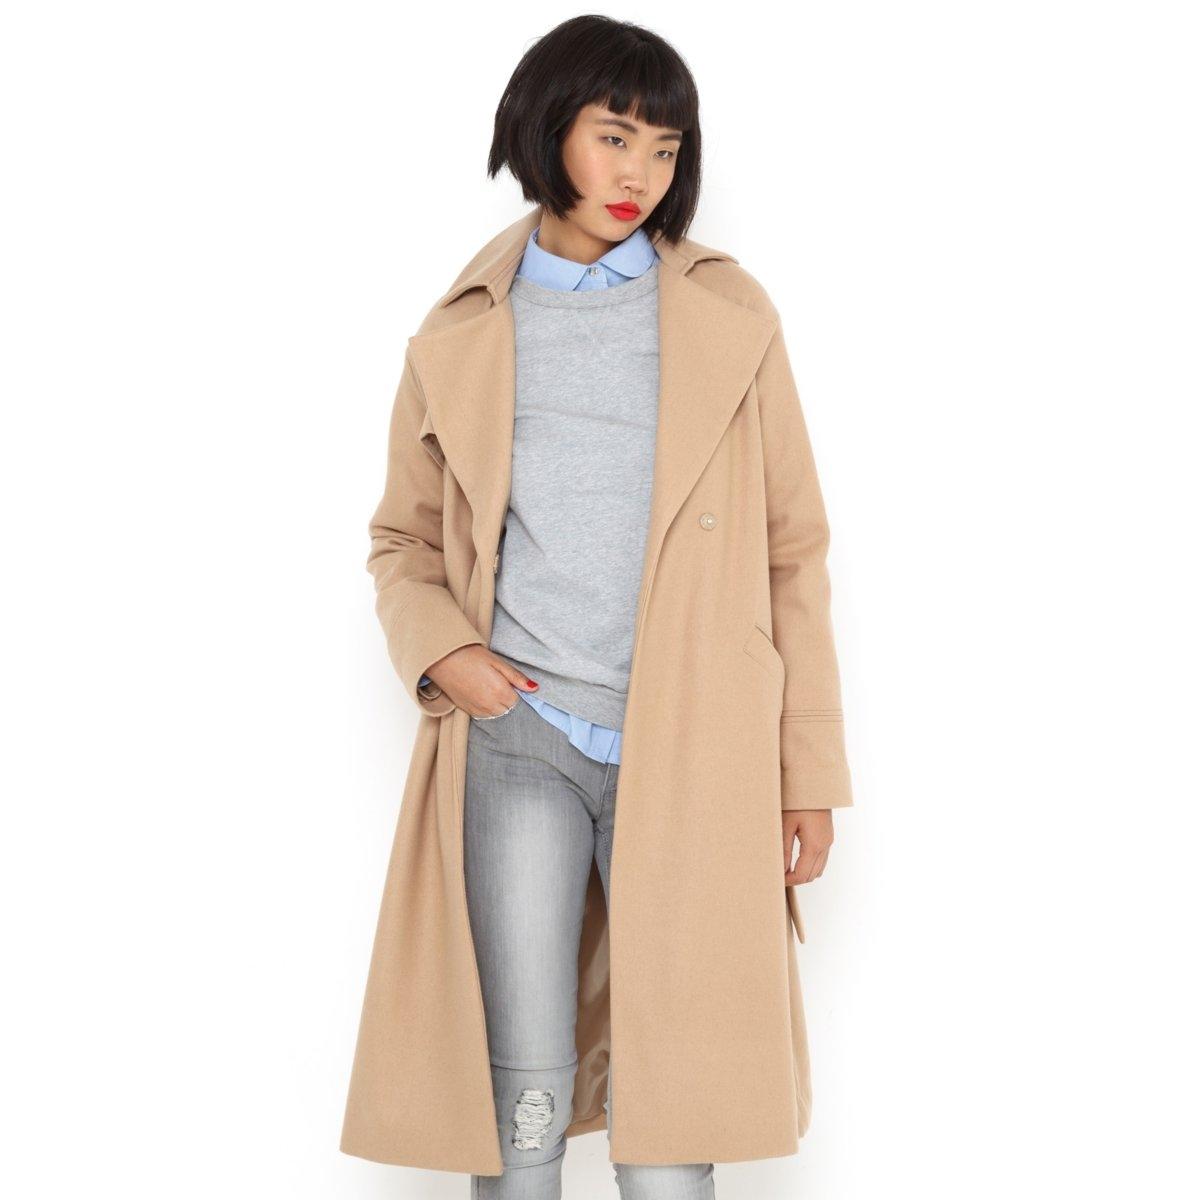 Пальто длинноеДлинное пальто в стиле купального халата. Английский воротник. Пояс со шлевками. 2 боковых кармана. Фартук спереди справа и на спине. Встречная складка сзади. Выточки с прострочкой на манжетах. 57% шерсти, 33% полиэстера, 10% других волокон. Длина 105 см.<br><br>Цвет: темно-бежевый,черный<br>Размер: 44 (FR) - 50 (RUS).38 (FR) - 44 (RUS)